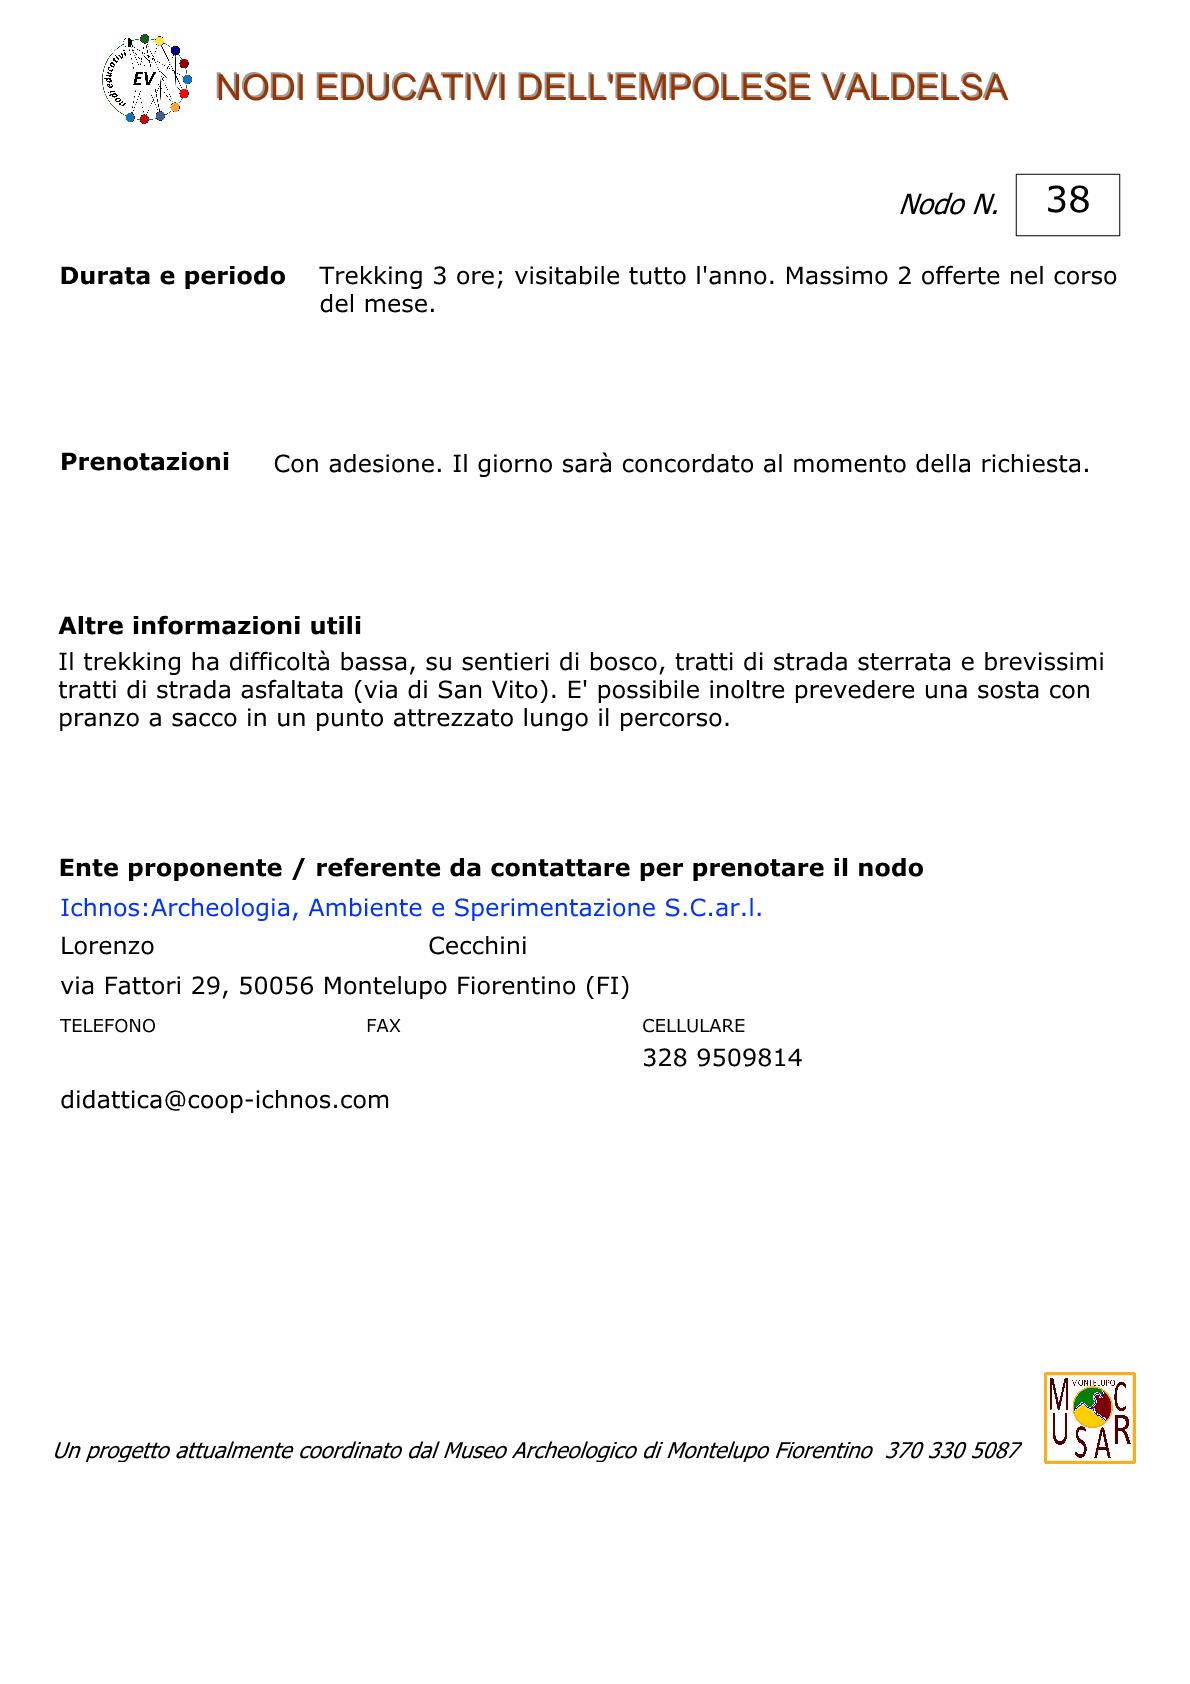 nodi-ev-161001-n-0383